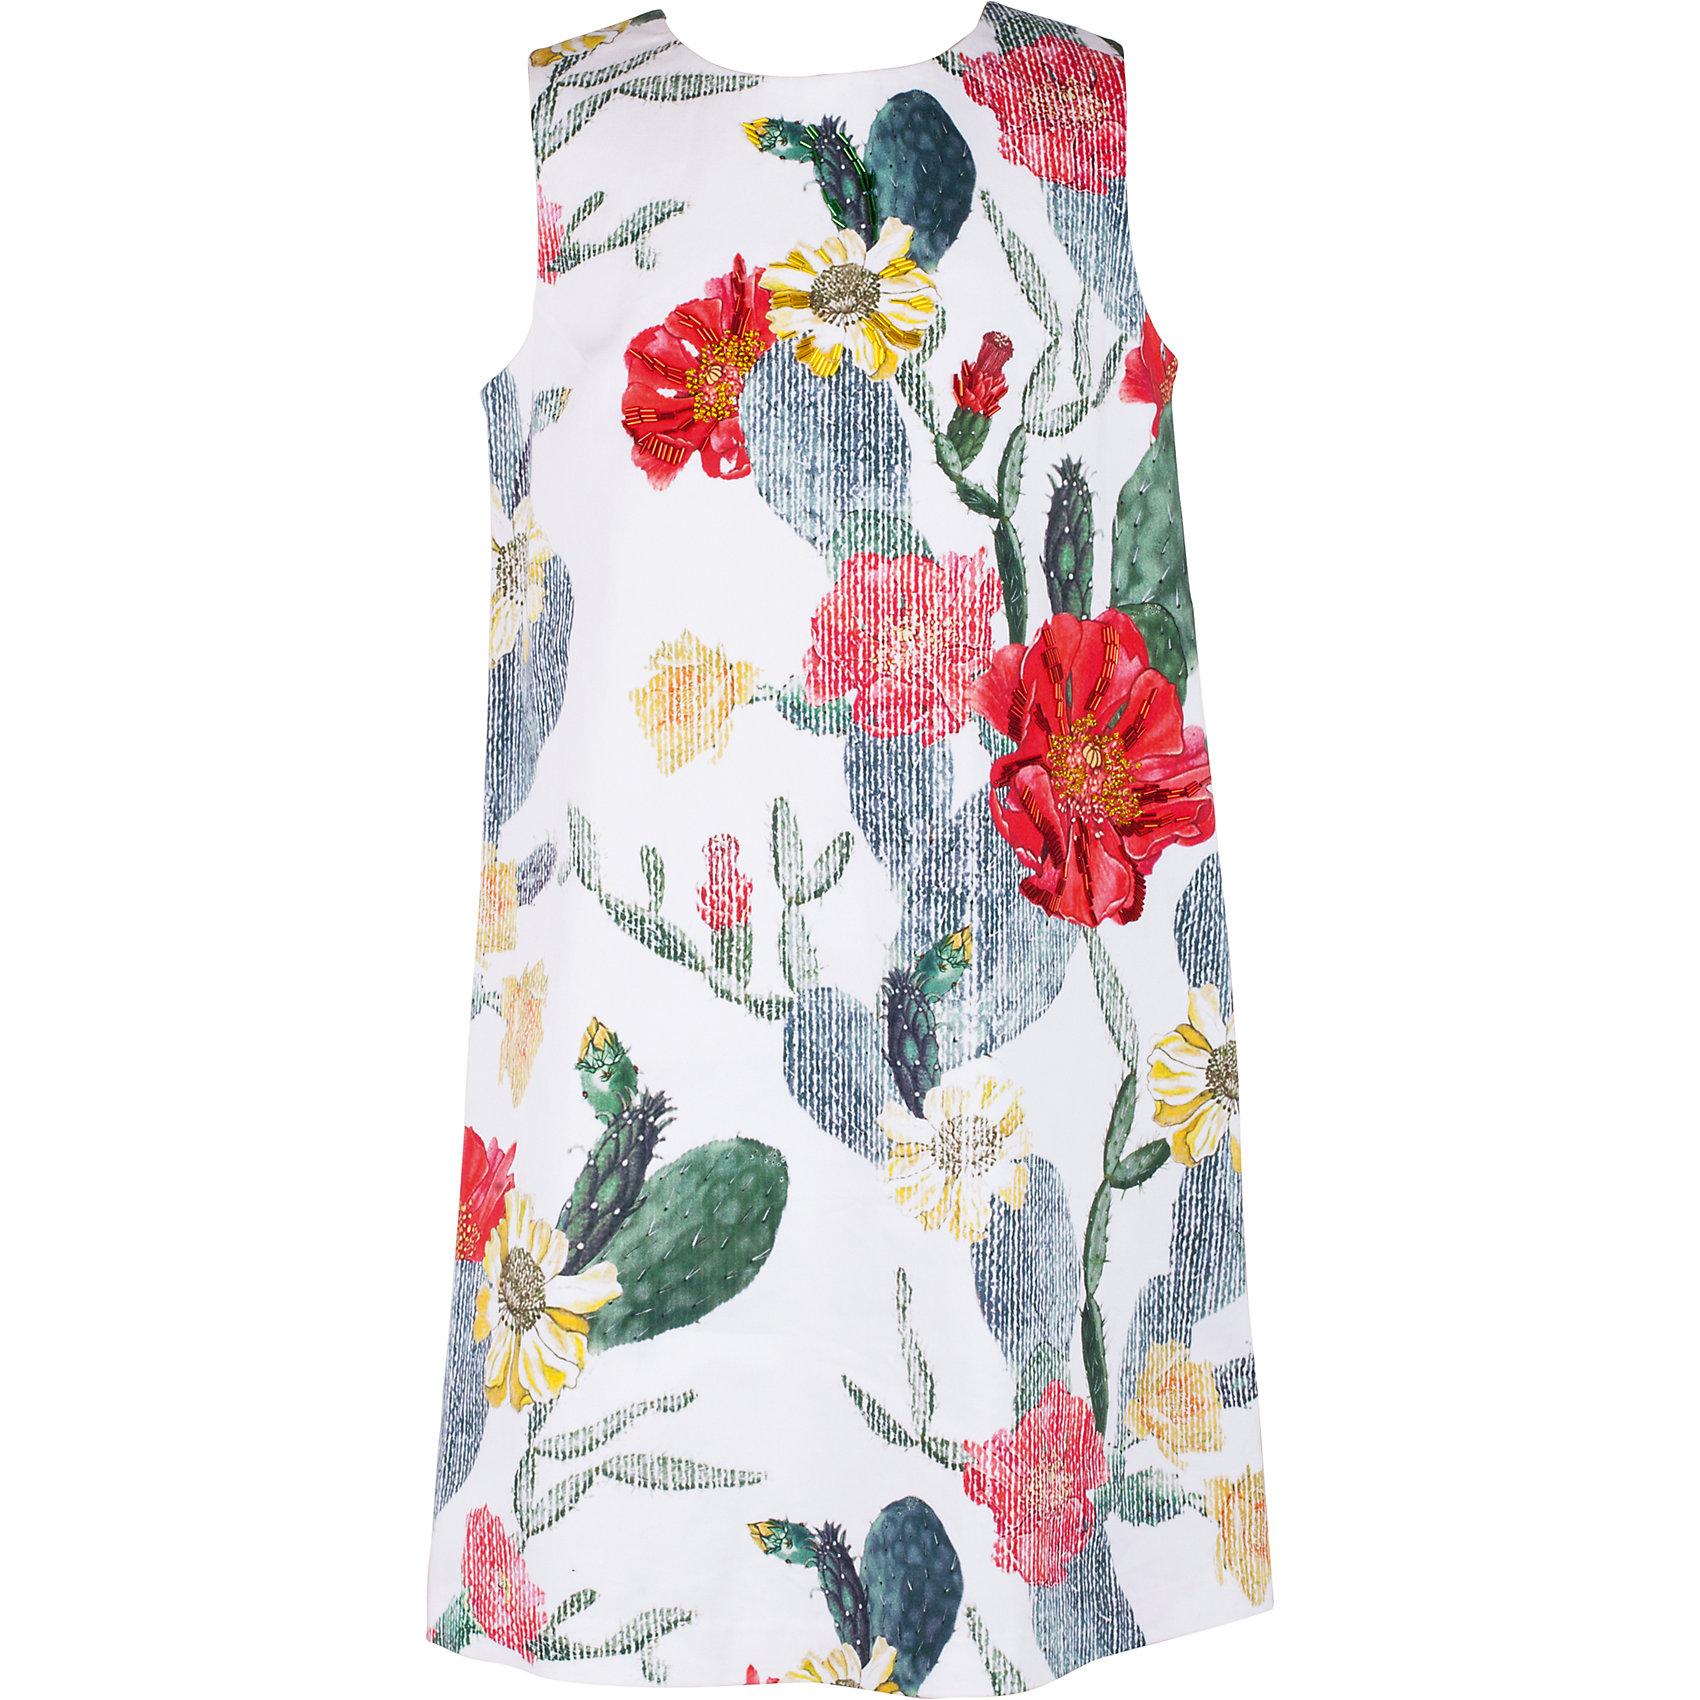 Платье для девочки GulliverОдежда<br>Платье без рукавов легкого трапециевидного силуэта - тренд сезона Весна/Лето 2017! Платье смотрится потрясающе и, наверняка, понравится девочке-подростку, которая хочет быть в тренде! Оригинальный дизайн, выразительный цветочный рисунок и фрагментарное оформление сияющим стеклярусом не позволят затеряться в толпе, сделав образ ребенка ярким и оригинальным.<br>Состав:<br>97% хлопок        3% эластан<br><br>Ширина мм: 236<br>Глубина мм: 16<br>Высота мм: 184<br>Вес г: 177<br>Цвет: белый<br>Возраст от месяцев: 156<br>Возраст до месяцев: 168<br>Пол: Женский<br>Возраст: Детский<br>Размер: 164,146,152,158<br>SKU: 5483125